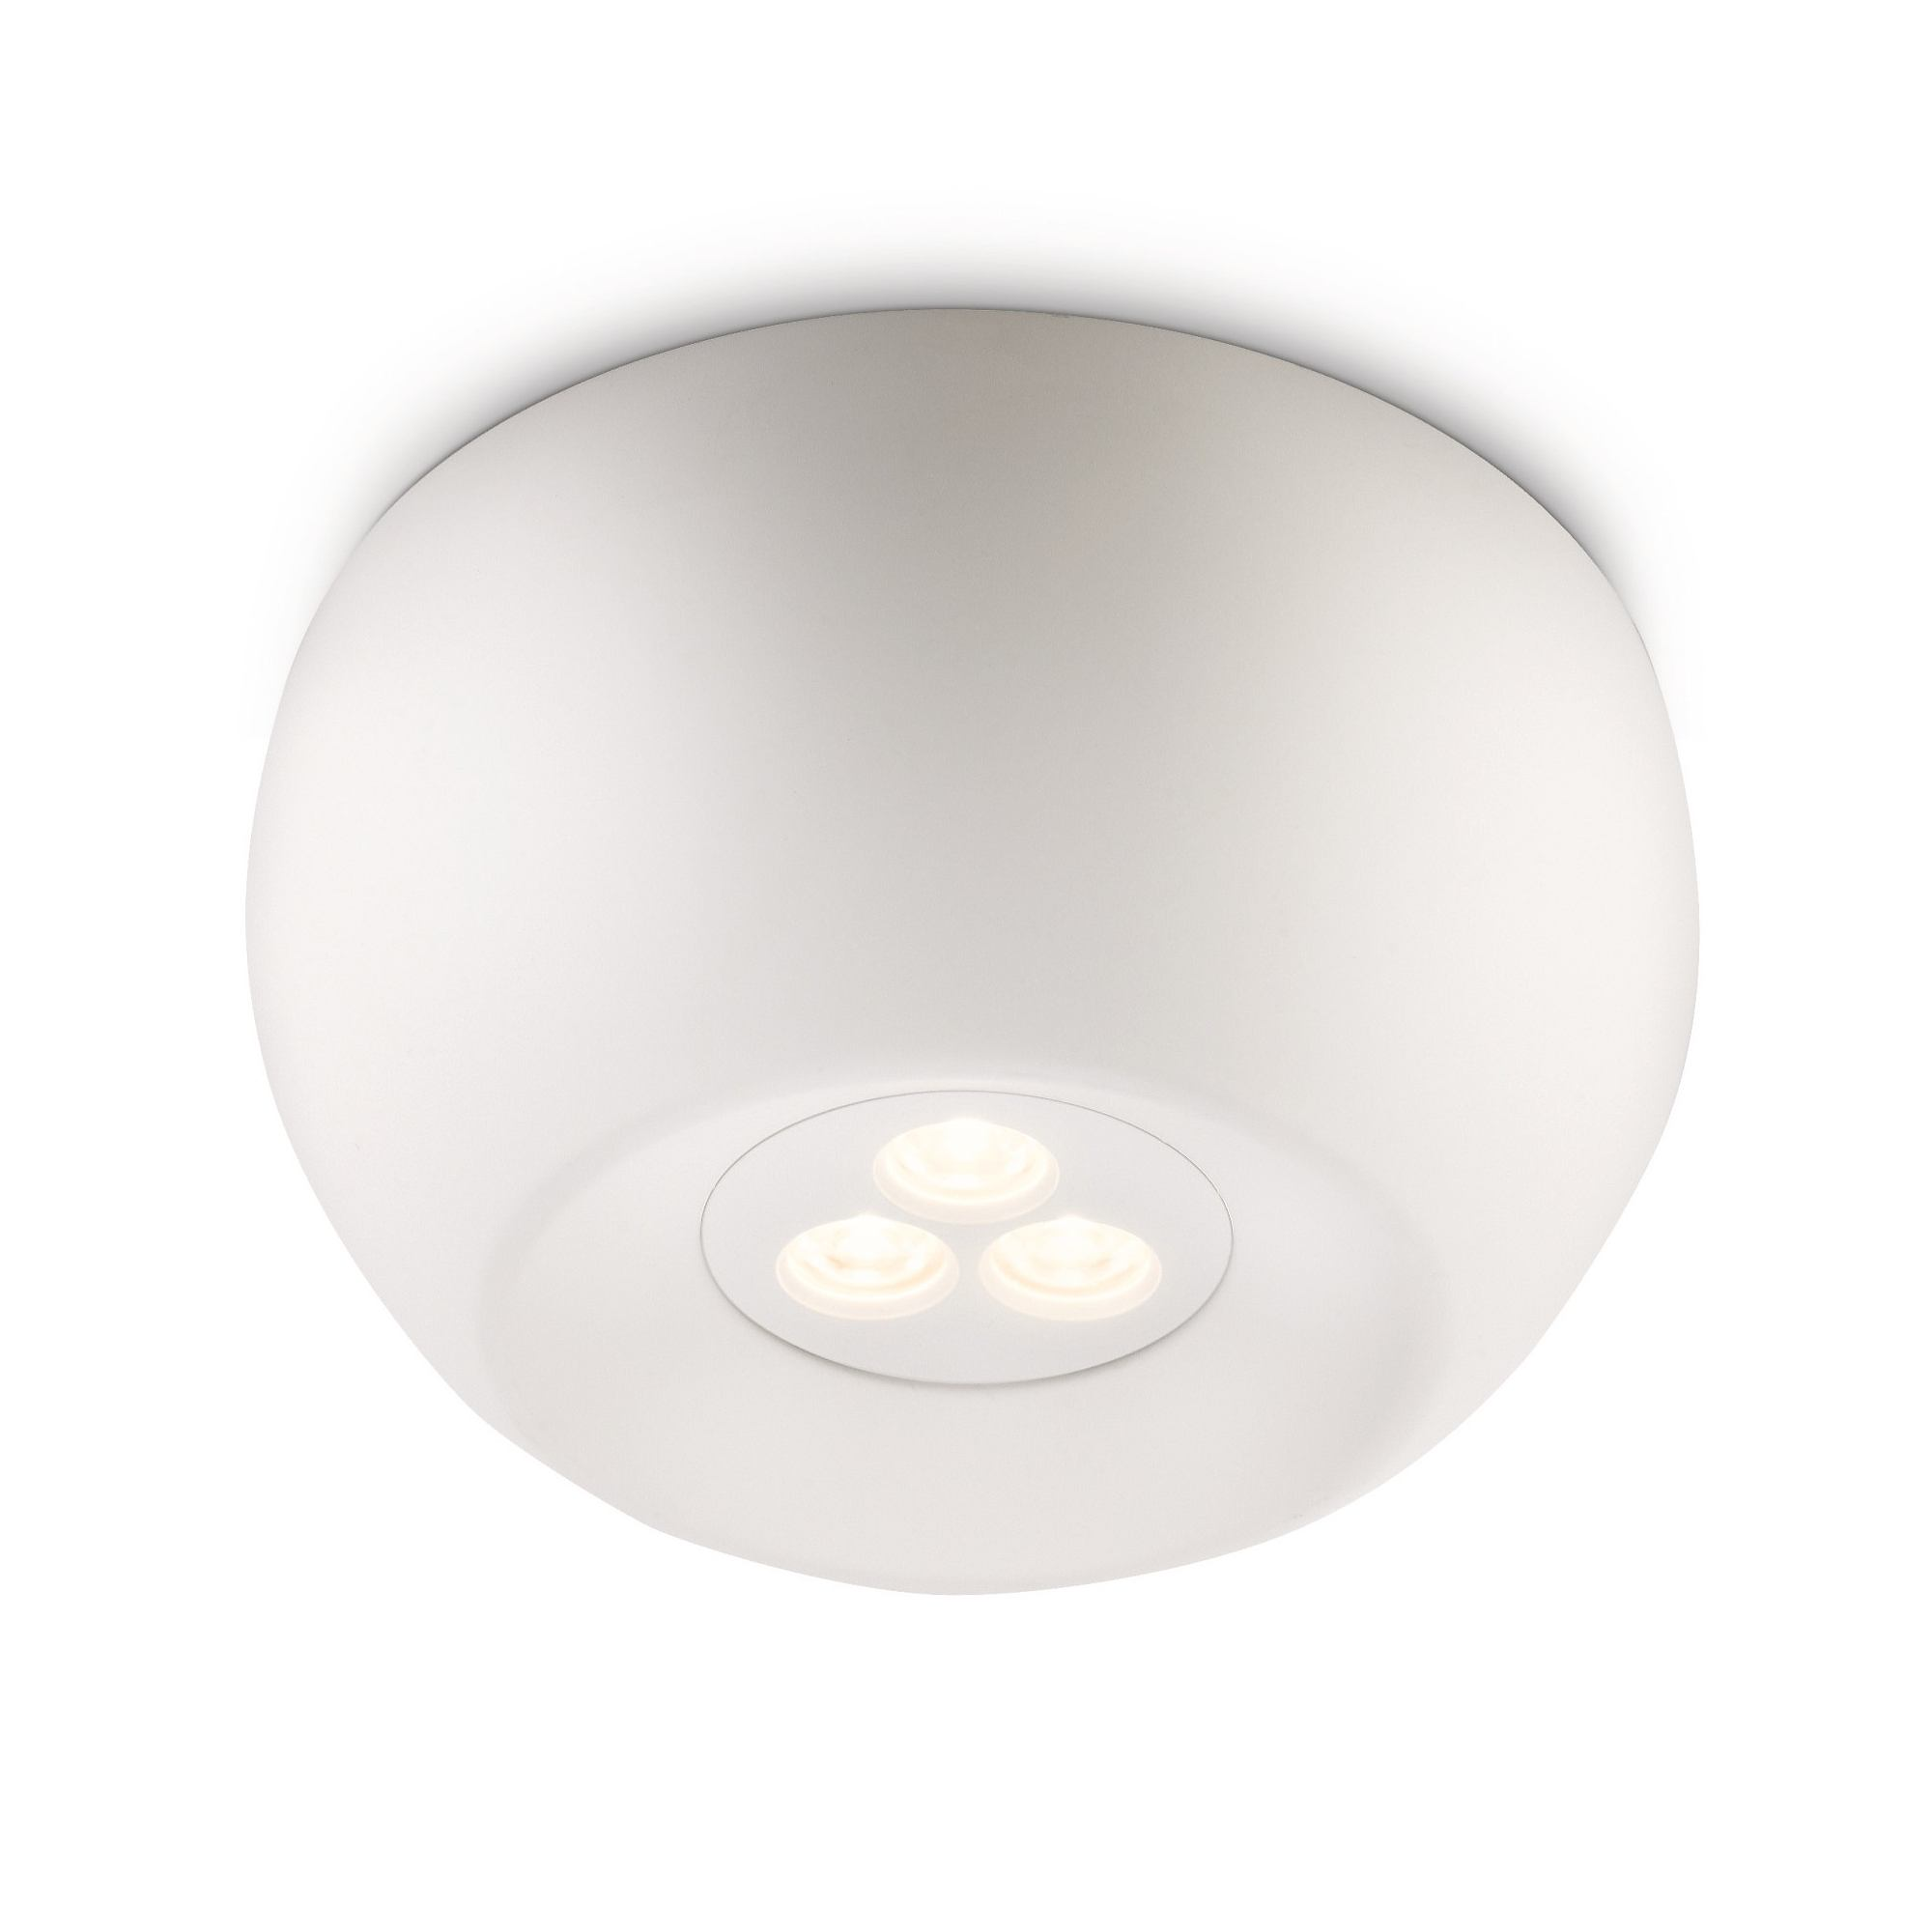 -Ledino 31610- White Ceiling Spot